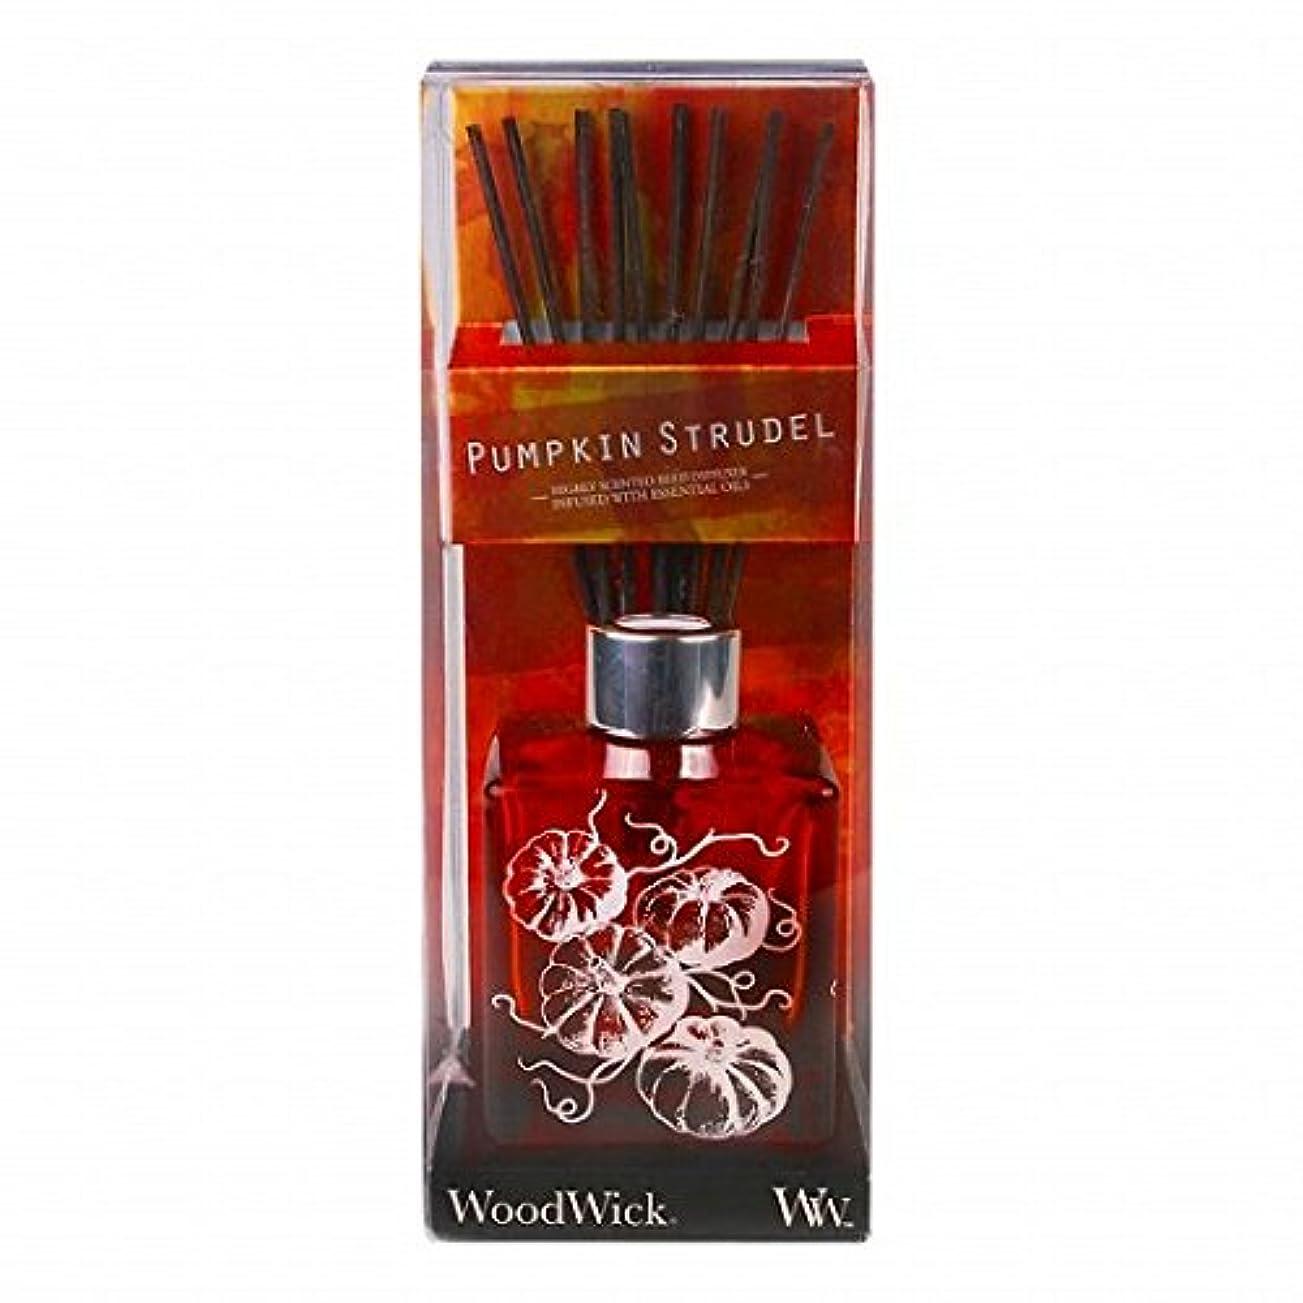 わずかなホース波紋WoodWick(ウッドウィック) Wood Wickダンシンググラスリードディフューザー 「 シュトルーデル 」 ディフューザー 68x68x105mm (W9540508)